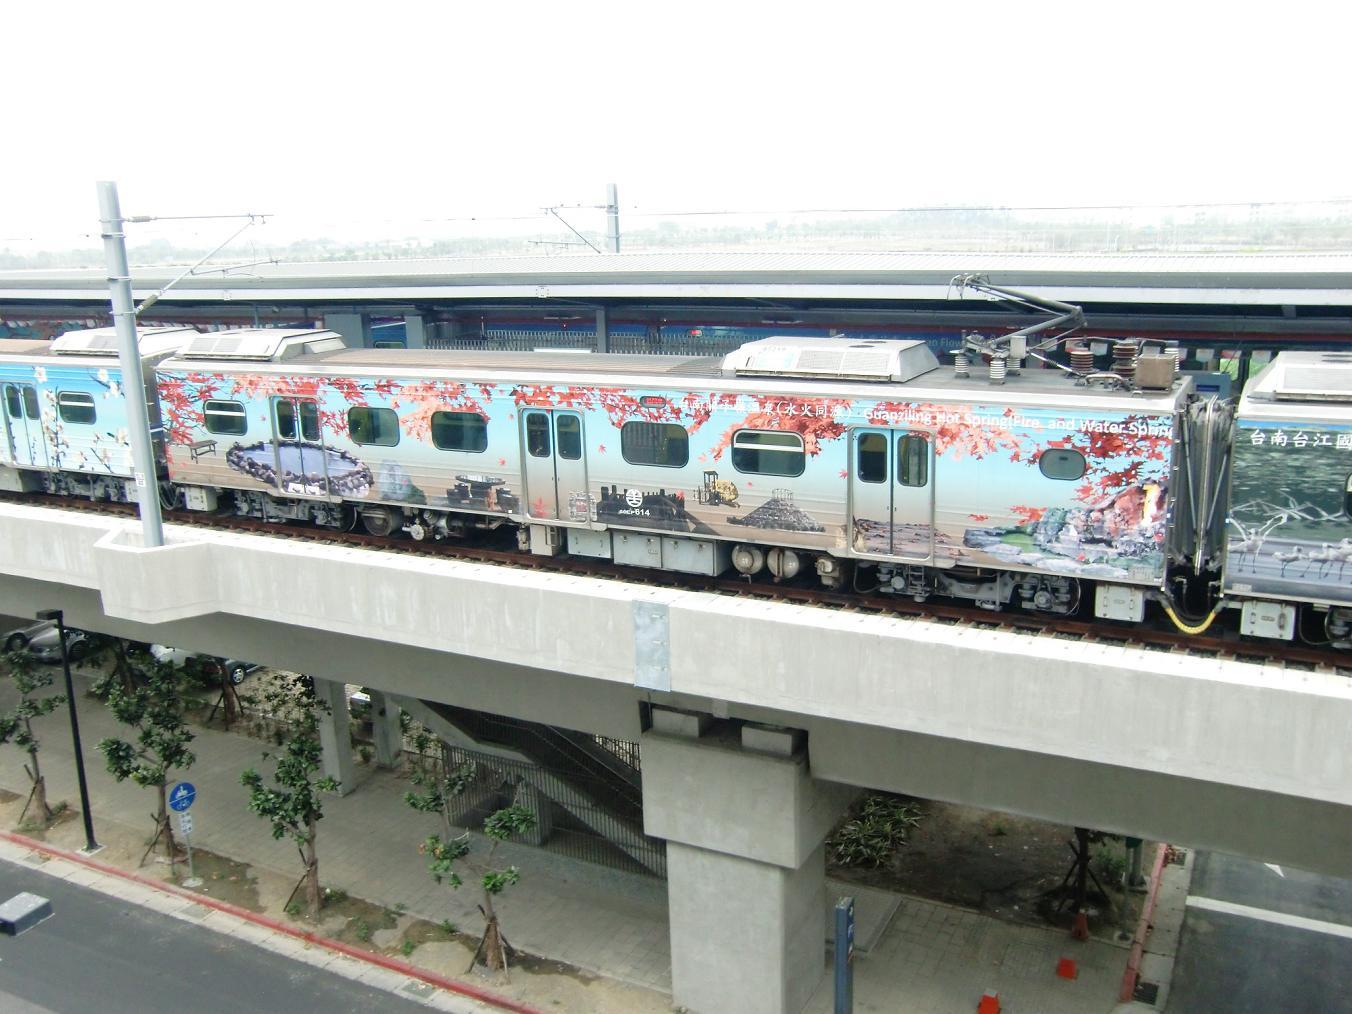 戀上旅行記: 臺南-沙崙火車站